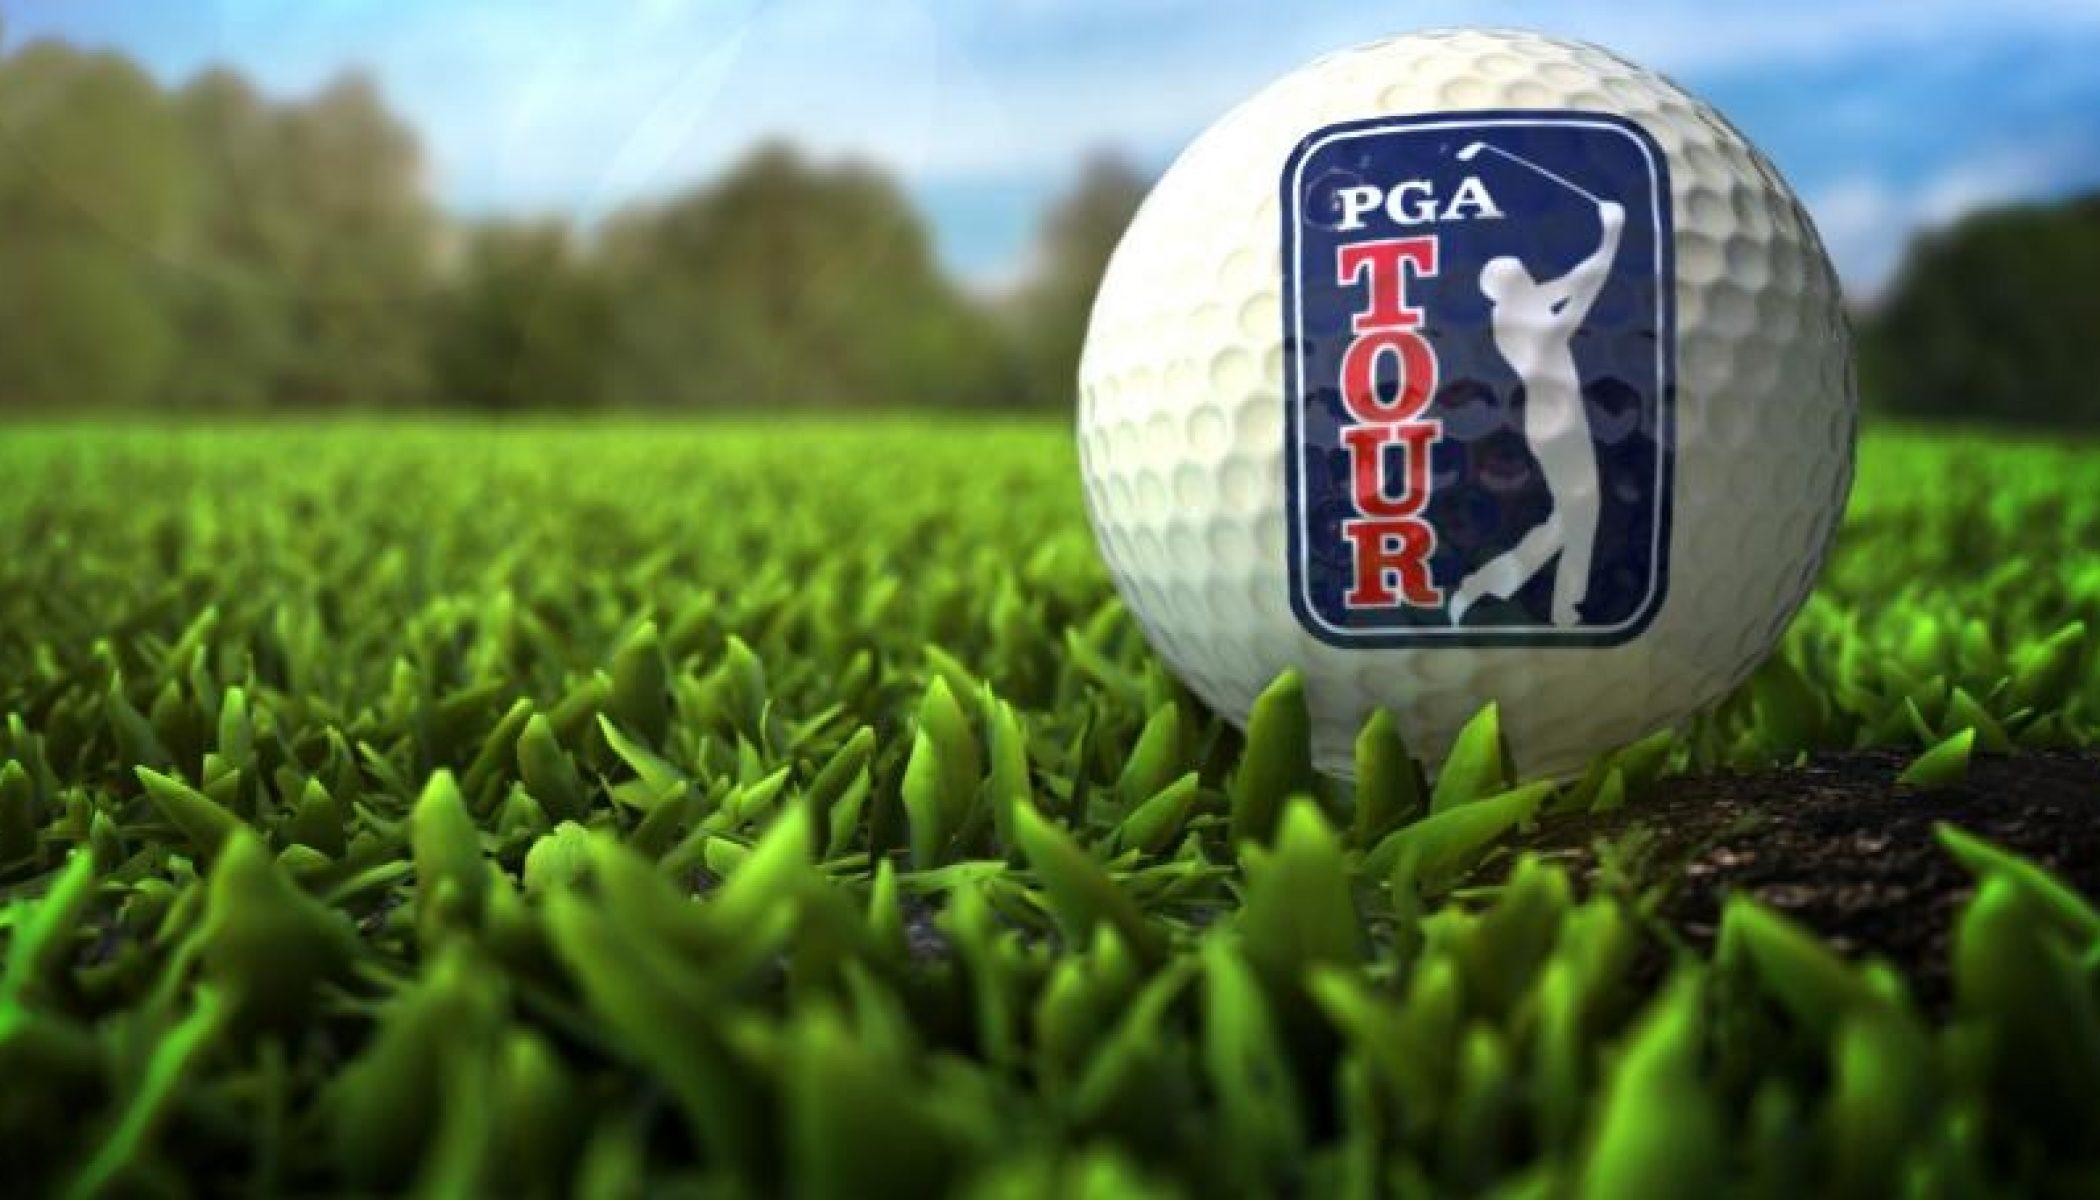 Cùng tìm hiểu xem PGA Tour là gì?